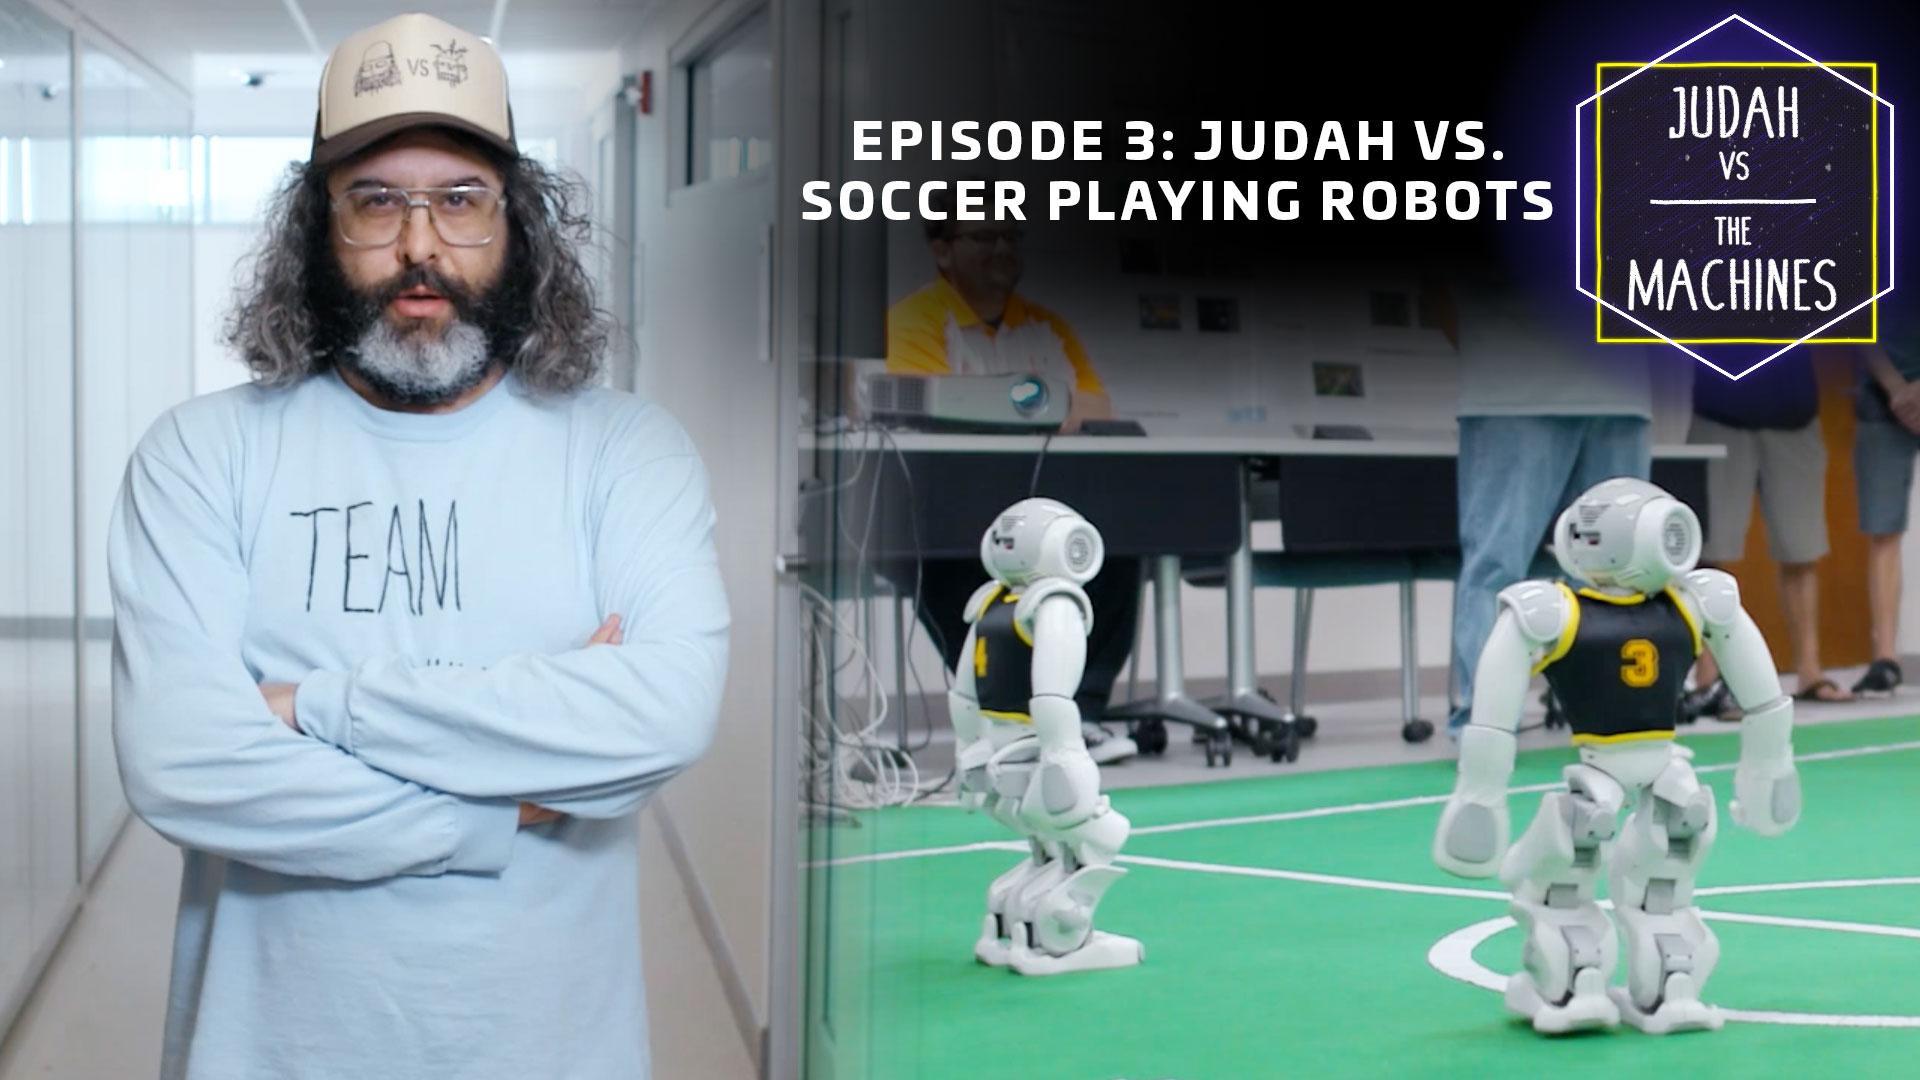 Judah vs soccer playing robots